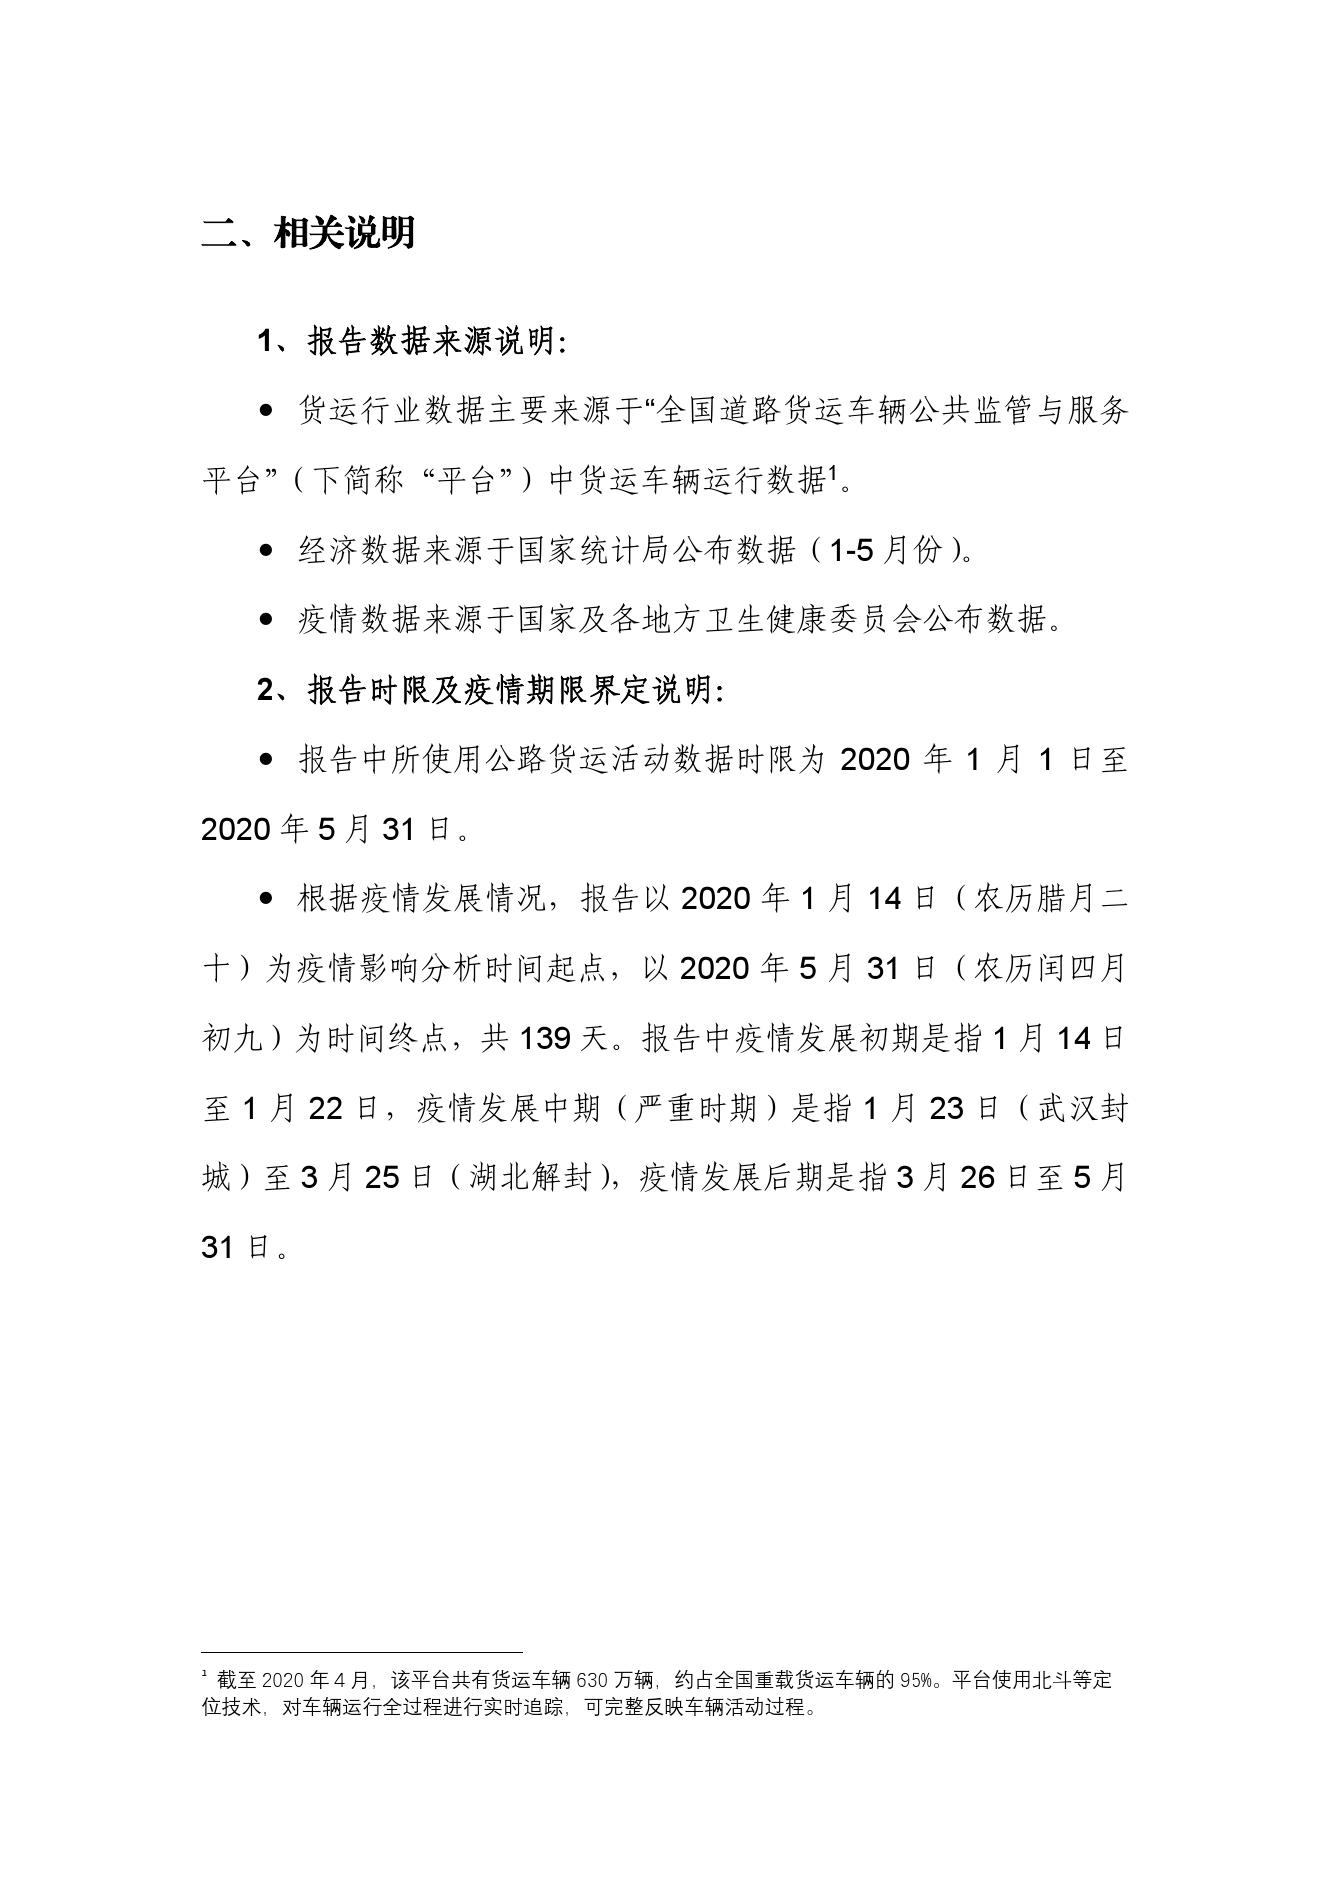 长安大学:中国公路货运疫情影响分析简报(可下载报告)插图(5)